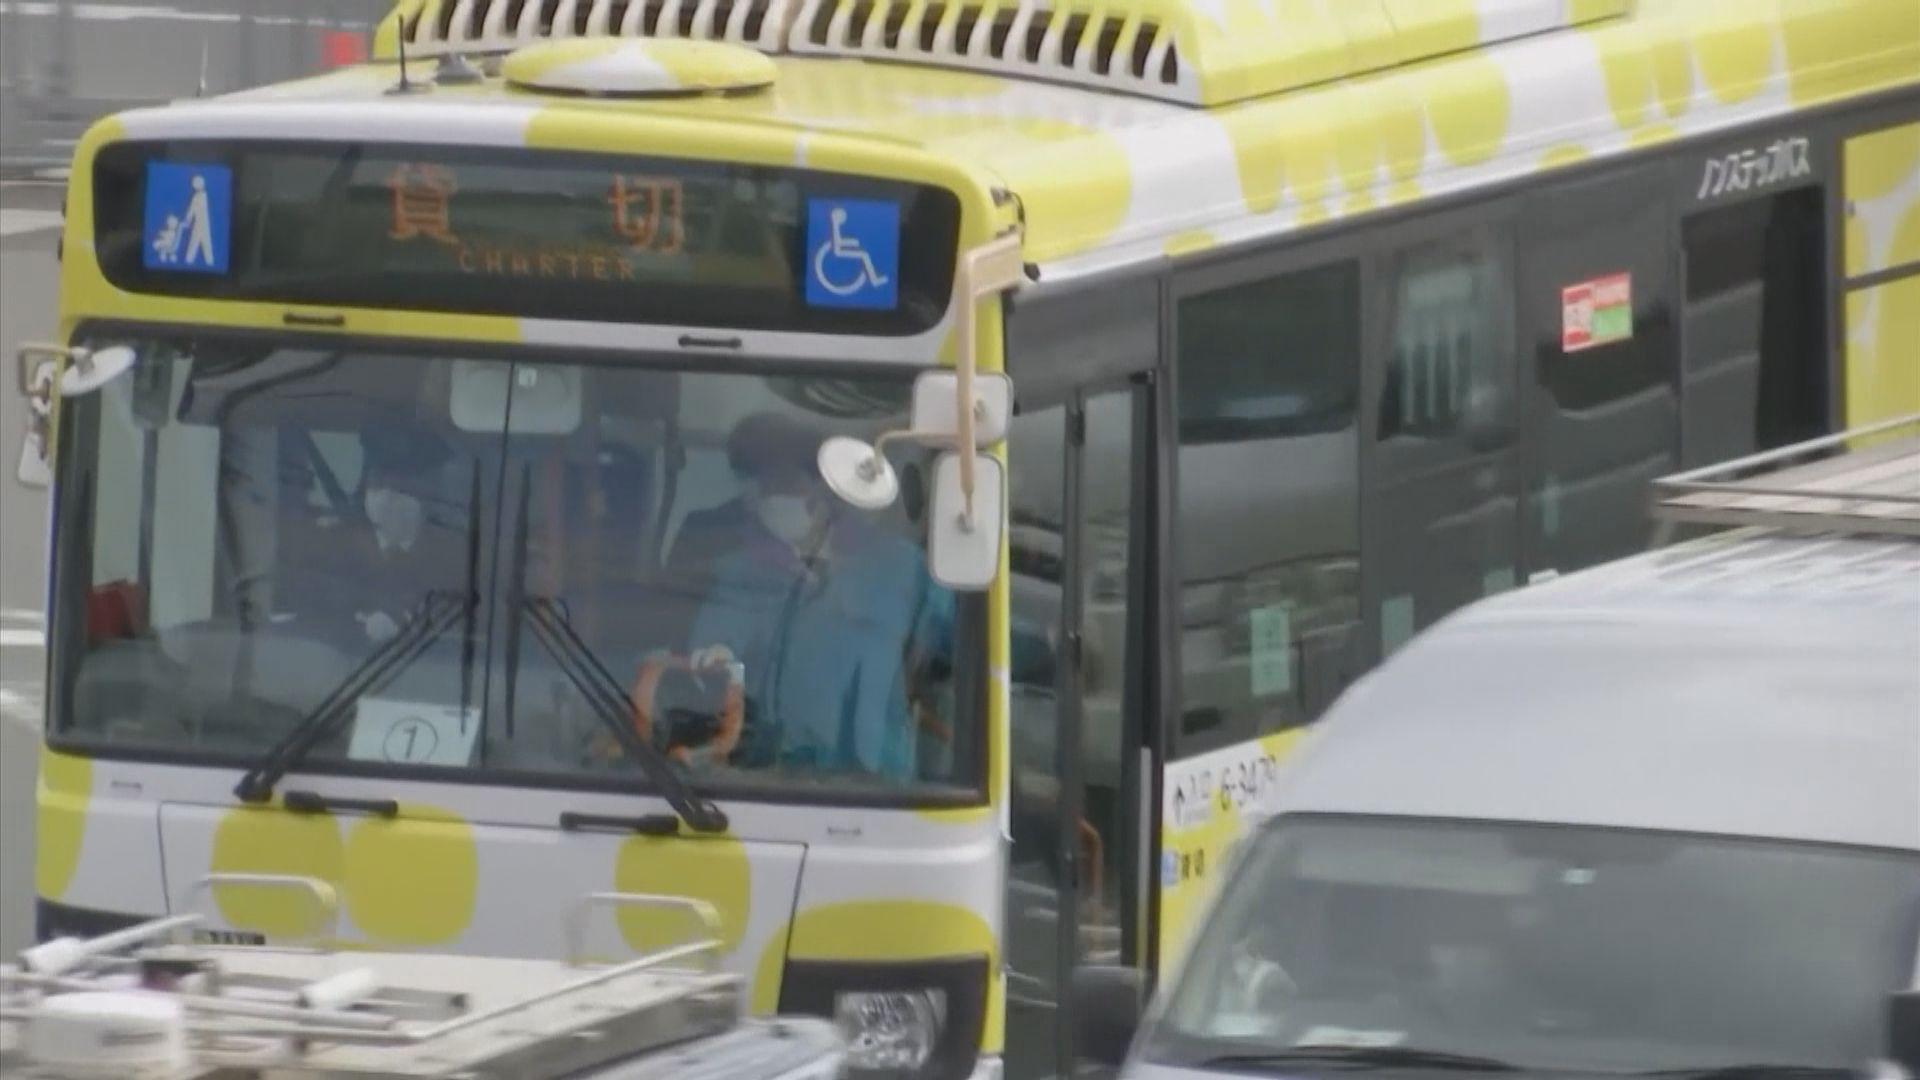 鑽石公主號首次有獲放行日本乘客確診